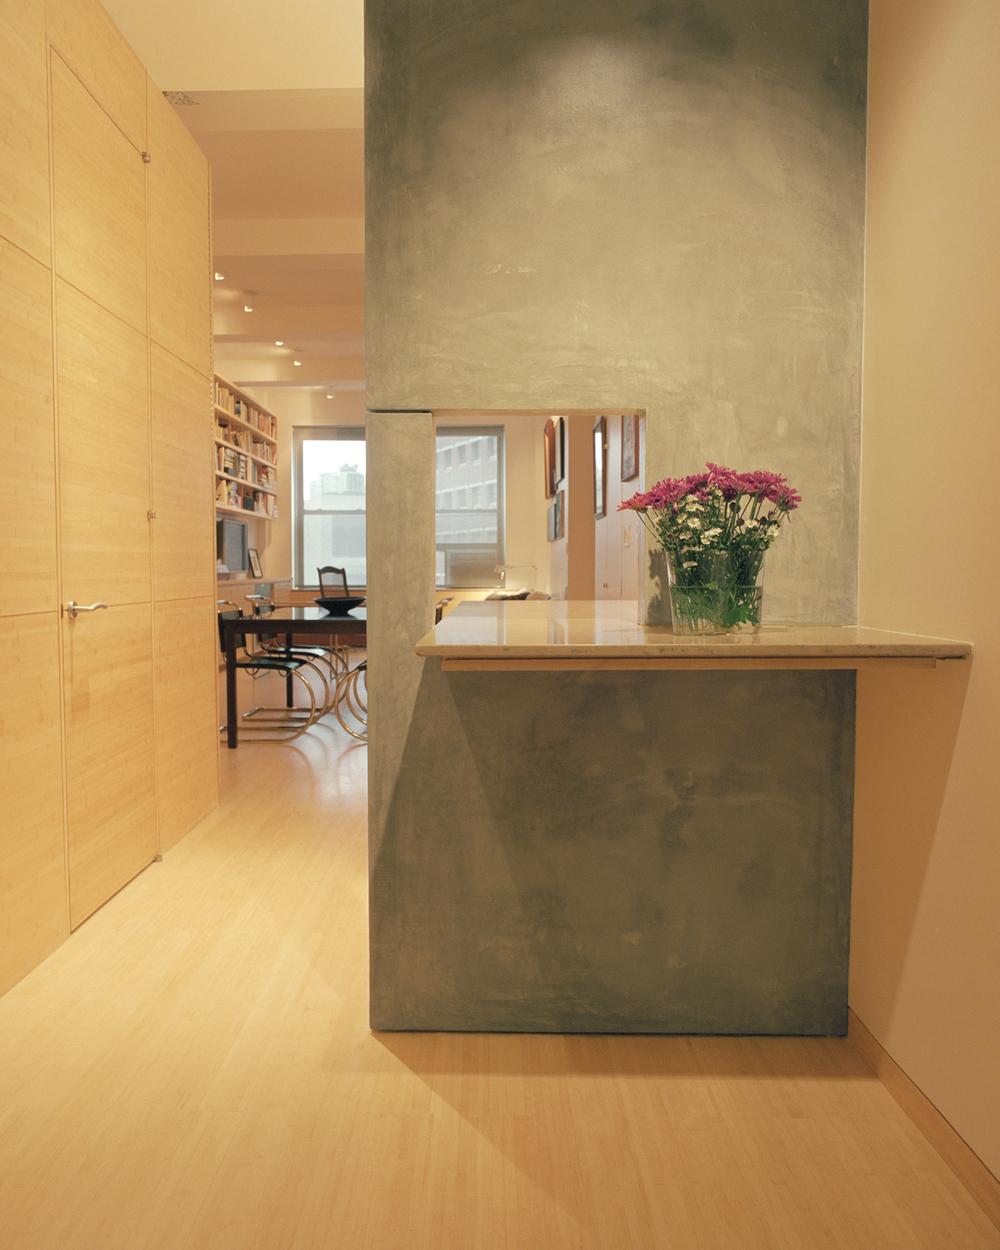 01_HSq-Foyer.jpg